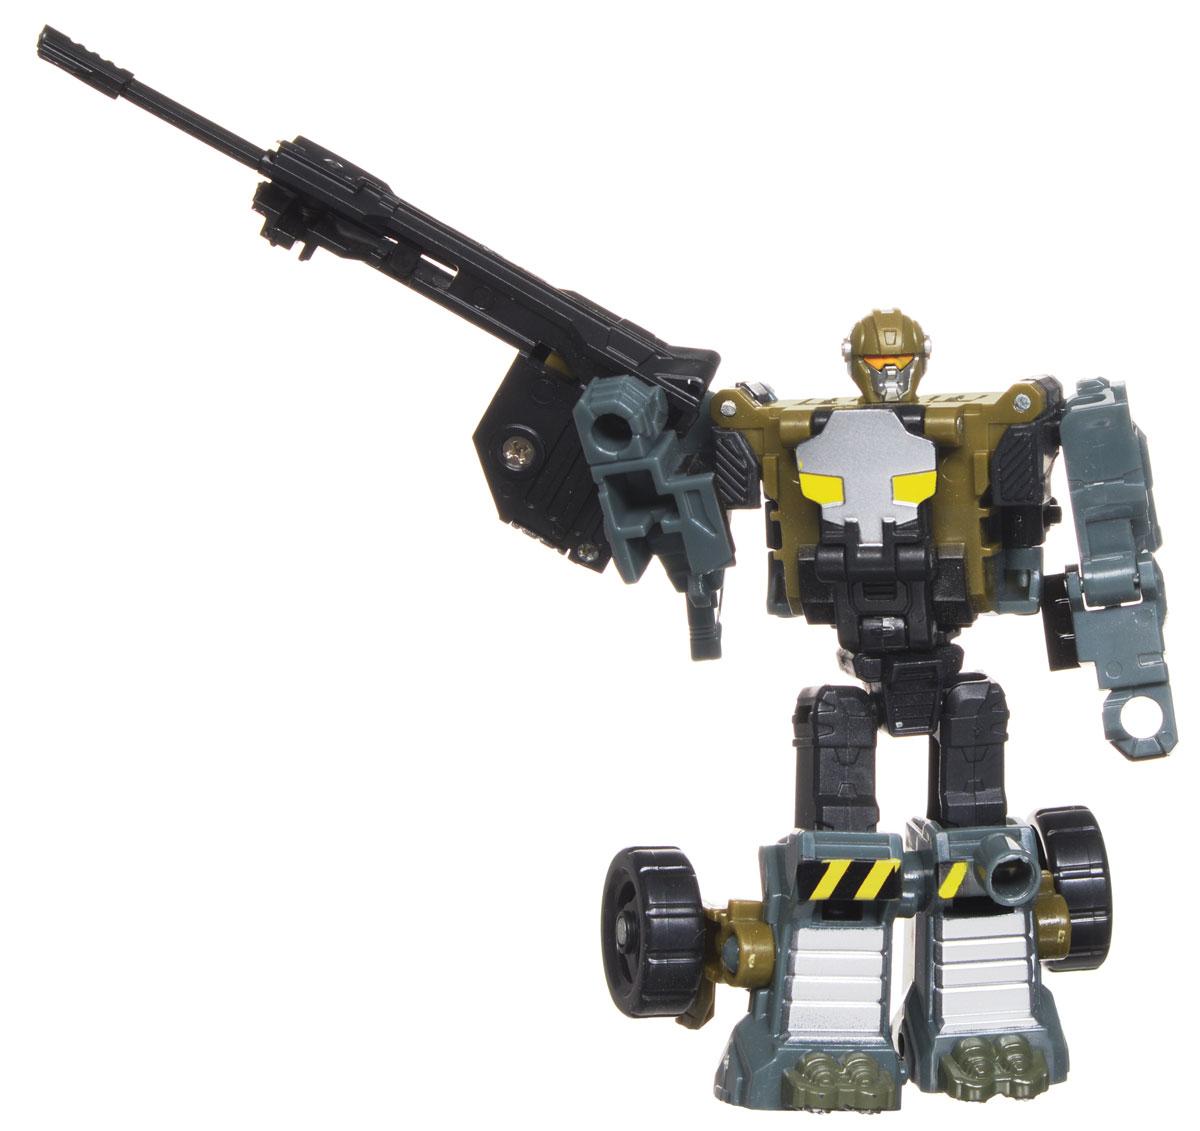 Play Smart Трансформер НосорогР41253Оригинальный робот-трансформер Носорог от компании Play Smart, обязательно порадует вашего ребенка и надолго займет его внимание. Трансформер выполнен из прочного пластика темных цветов с серебристыми и желтыми элементами. Конструкция робота имеет подвижные соединения, благодаря чему, игрушке можно придавать различные позы. Фигурка отличается высокой степенью детализации. Трансформер имеет две вариации: первая - робот с грозным оружием, вторая - военная машина. Превратить робота в боевое транспортное средство поможет подробная инструкция. Ваш ребенок с удовольствием будет играть с фигуркой, придумывая разные истории. Порадуйте его таким замечательным подарком!